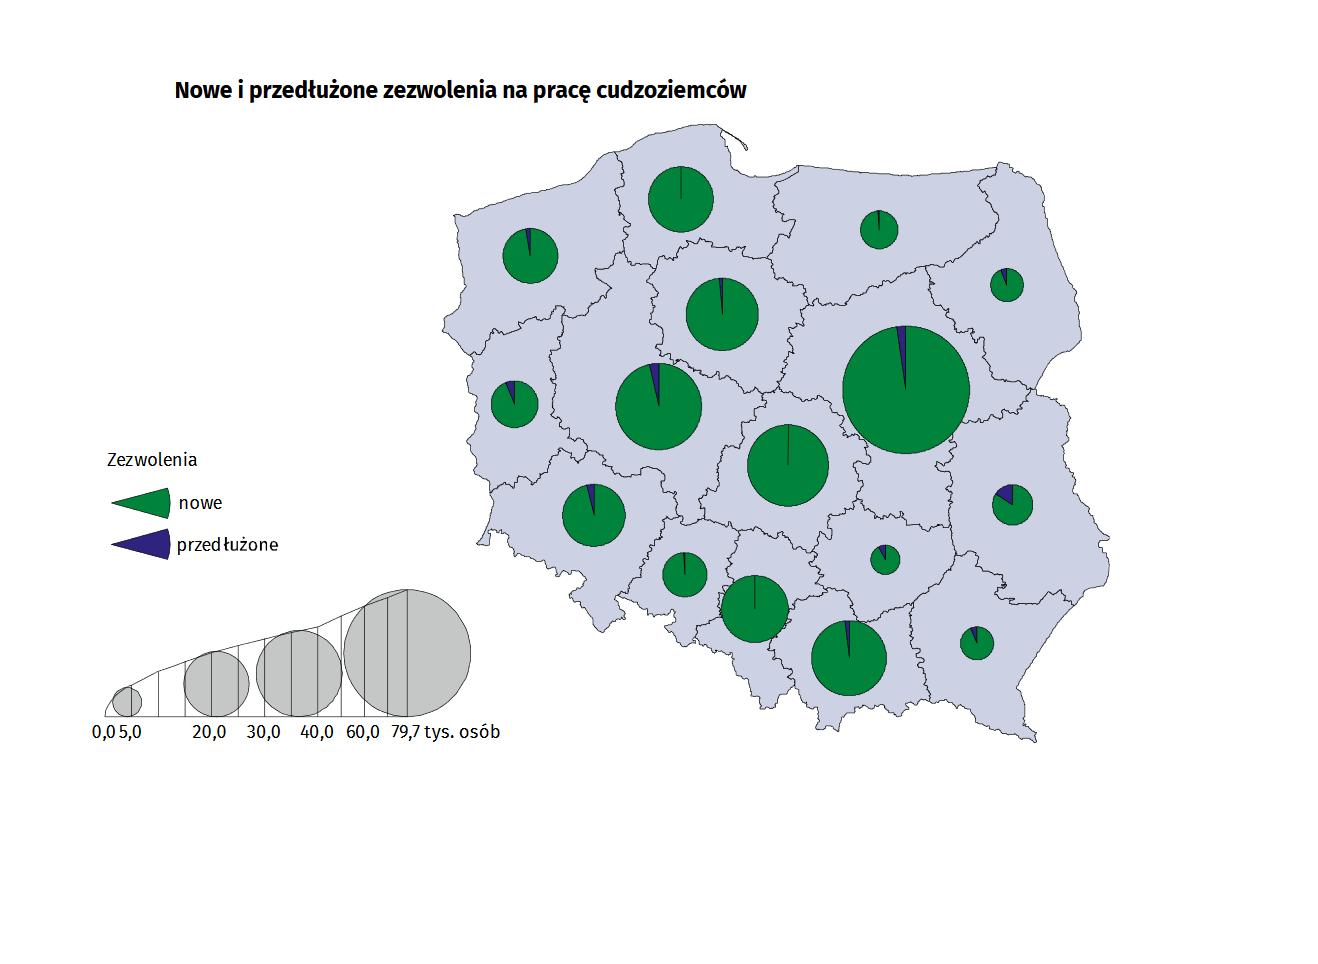 Nowe i przedłużone zezwolenia na pracę cudzoziemców w Polsce. (źródło: GUS/materiały prasowe)